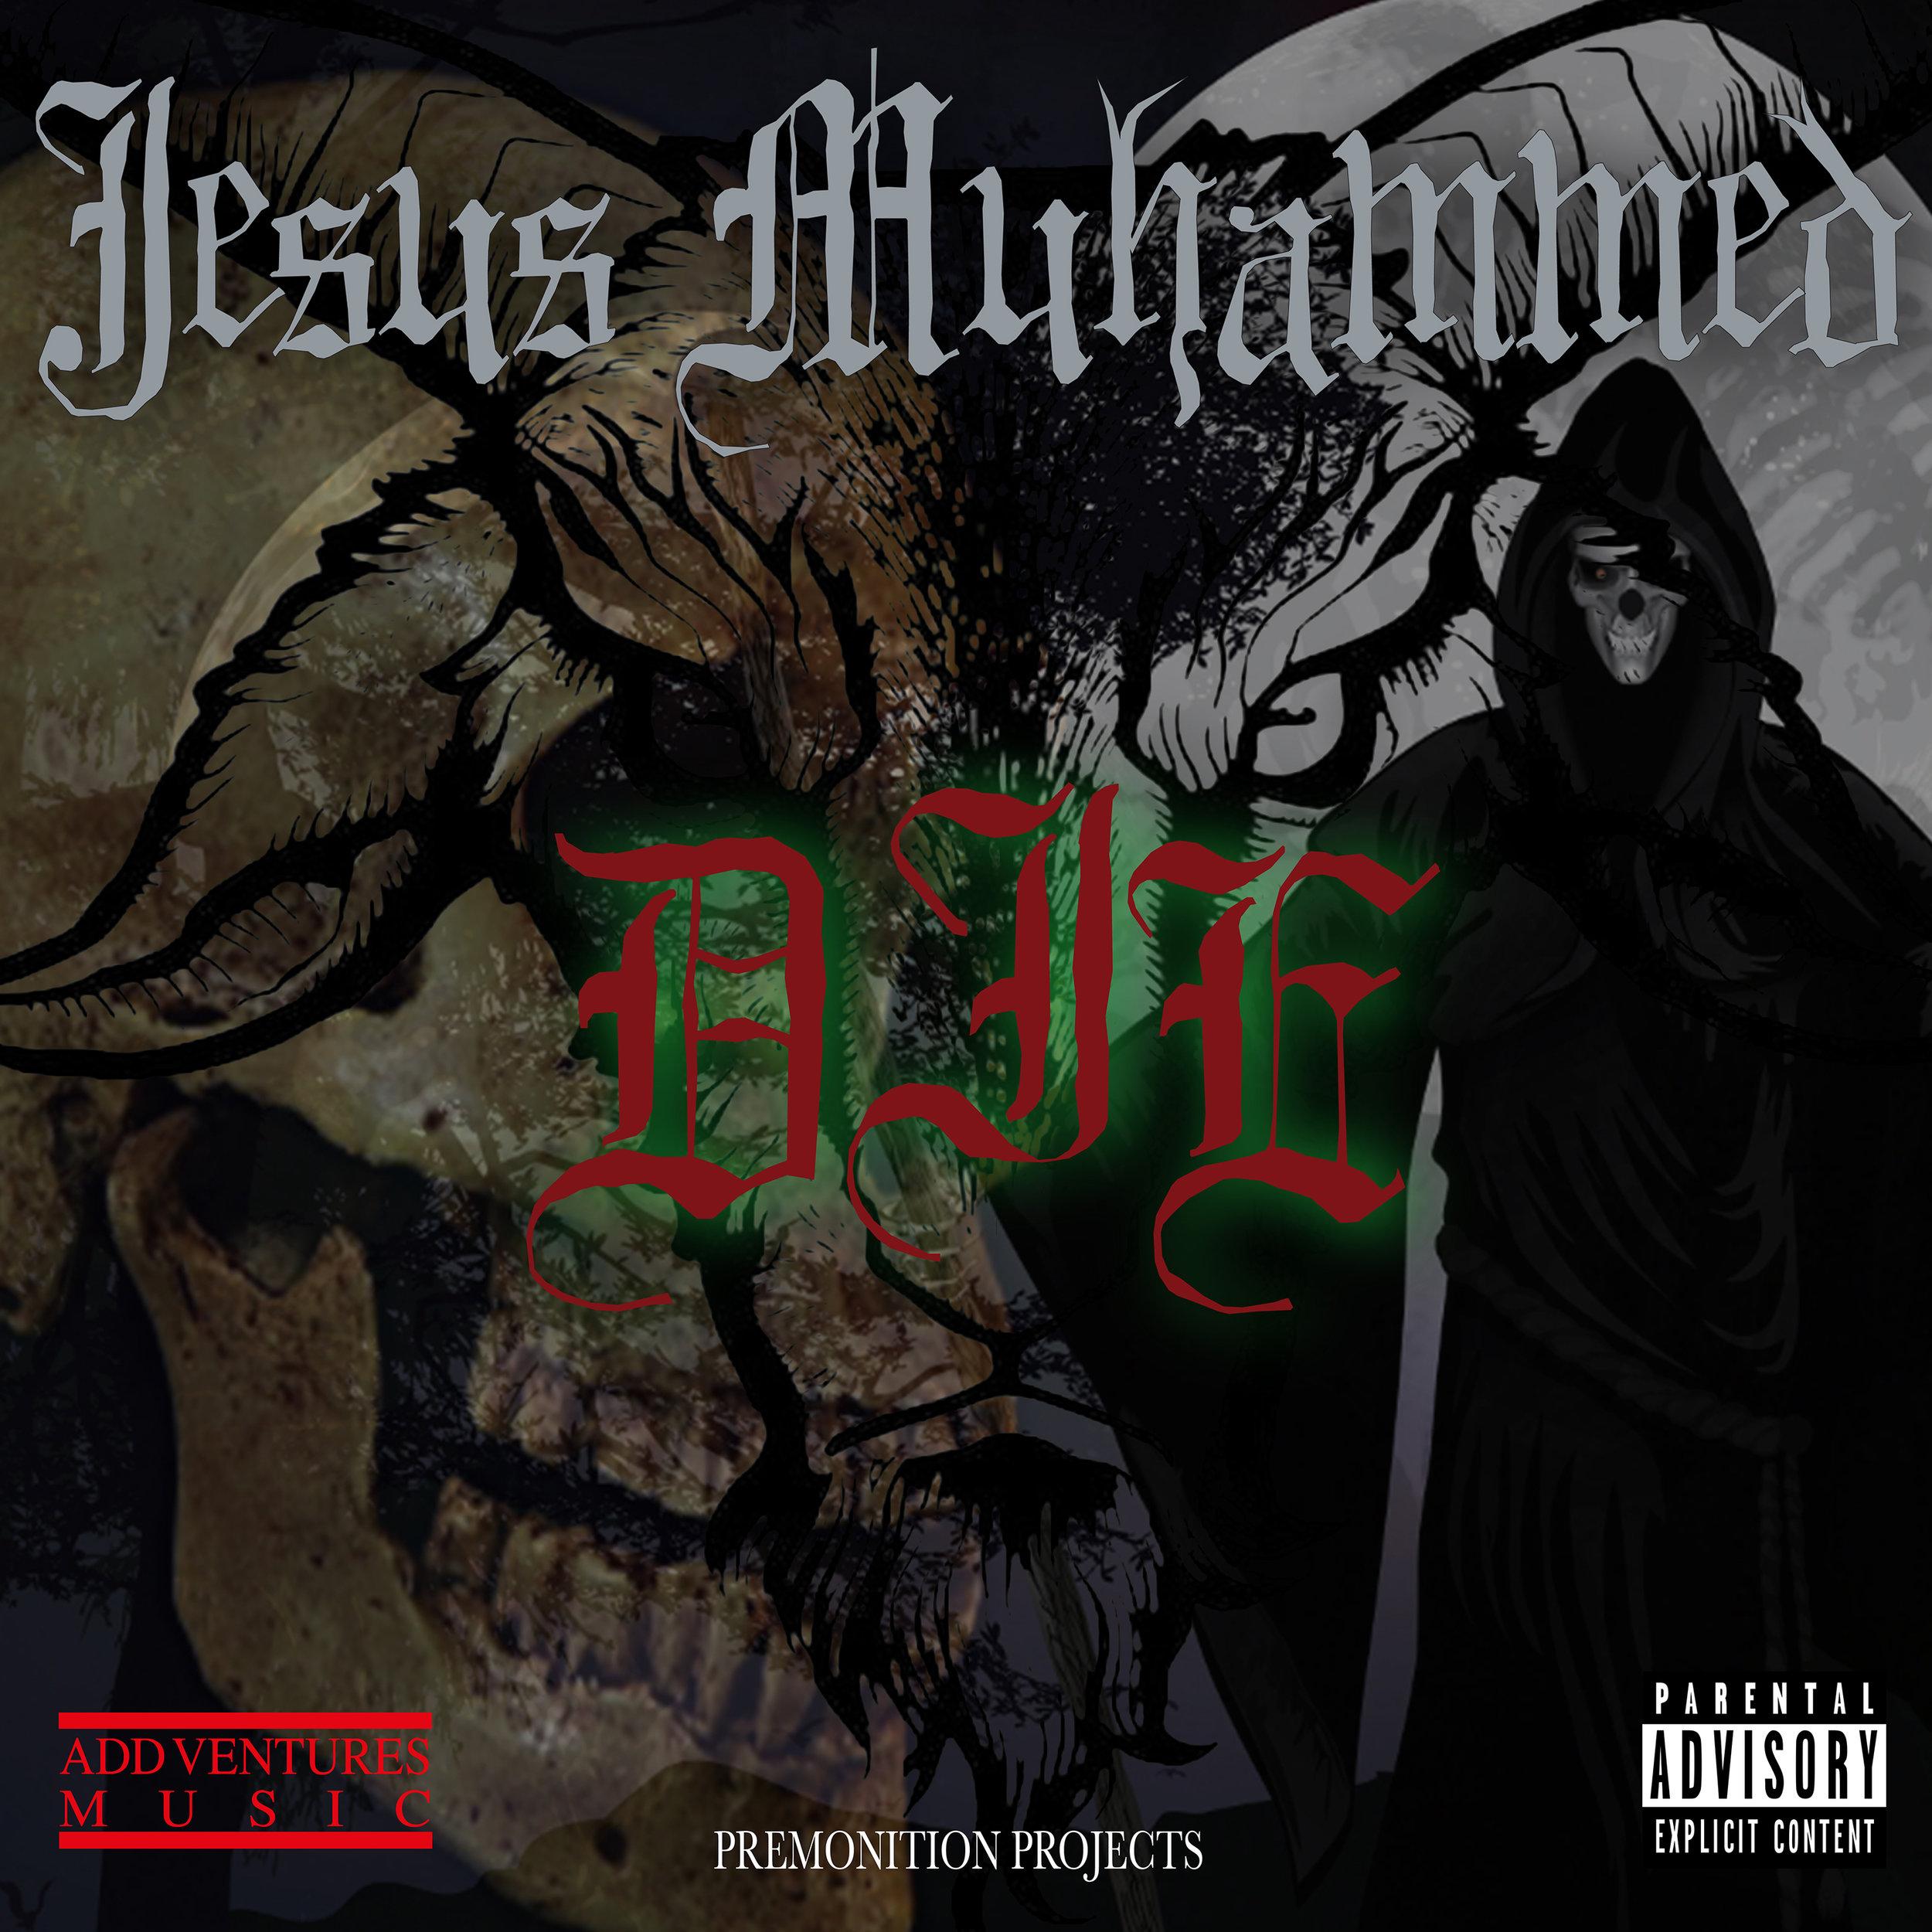 Jesus Muhammed - die-01-1552168342.jpg